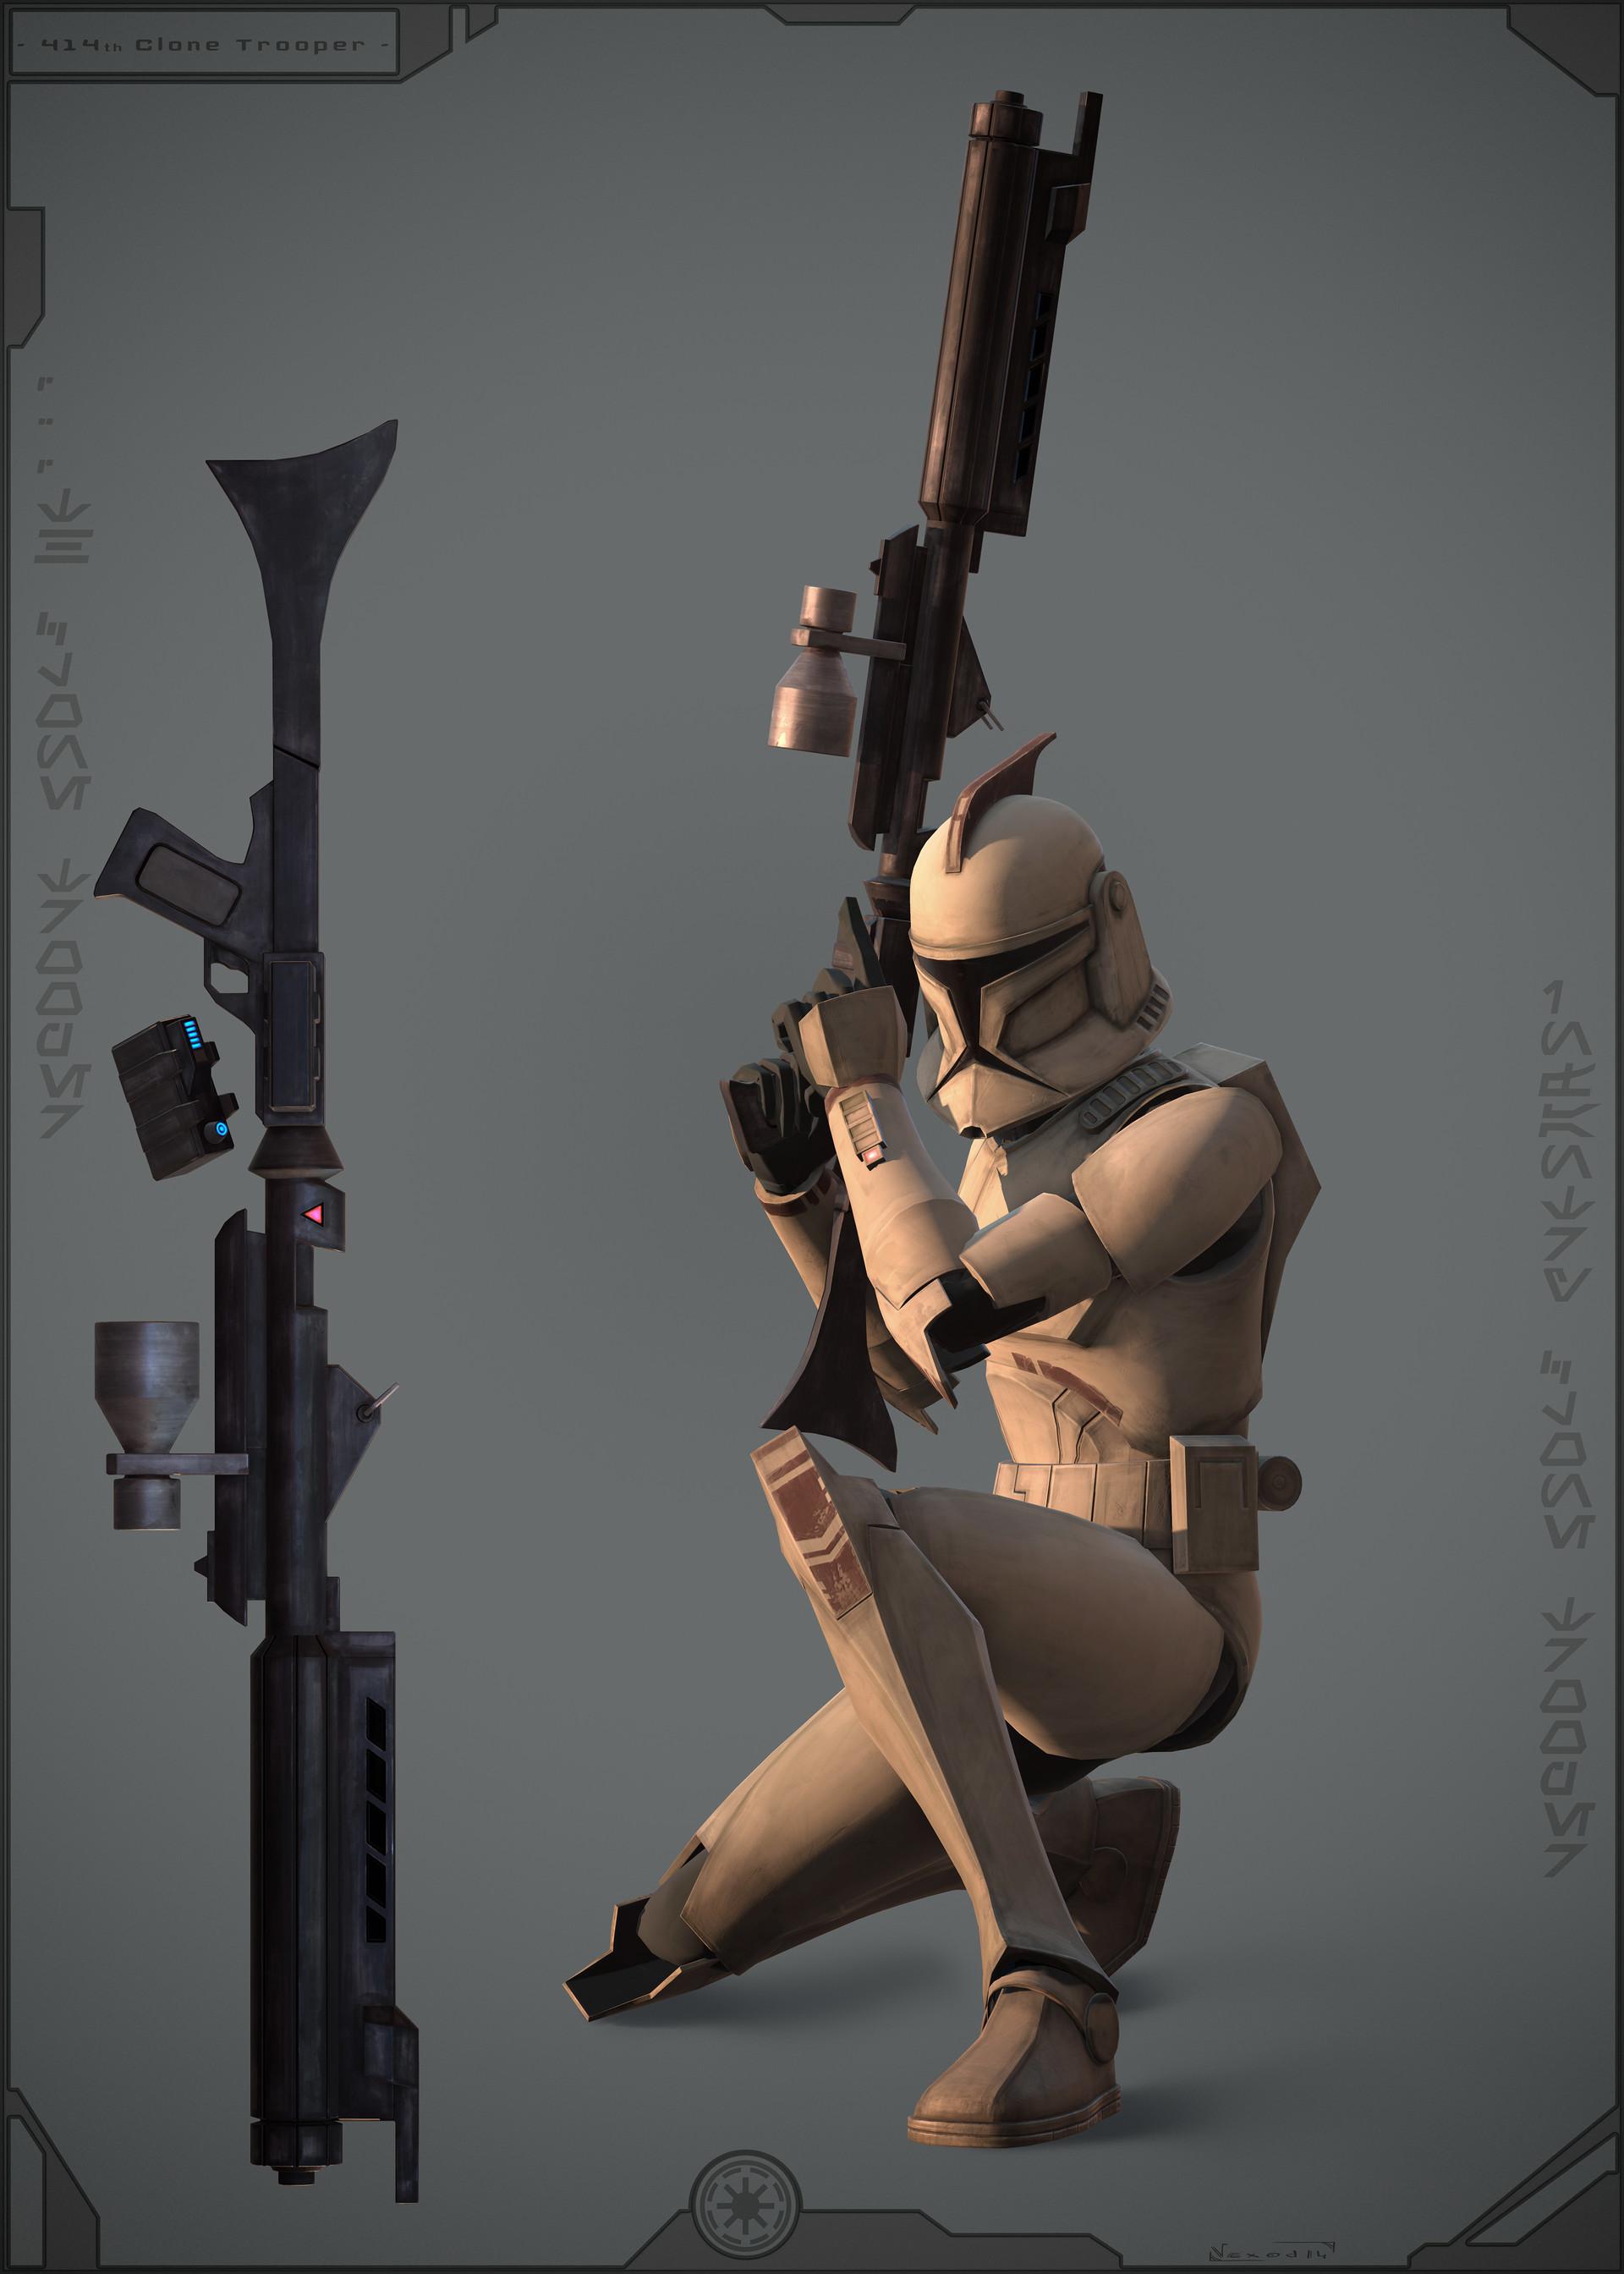 Etienne beschet 414th clonetrooper